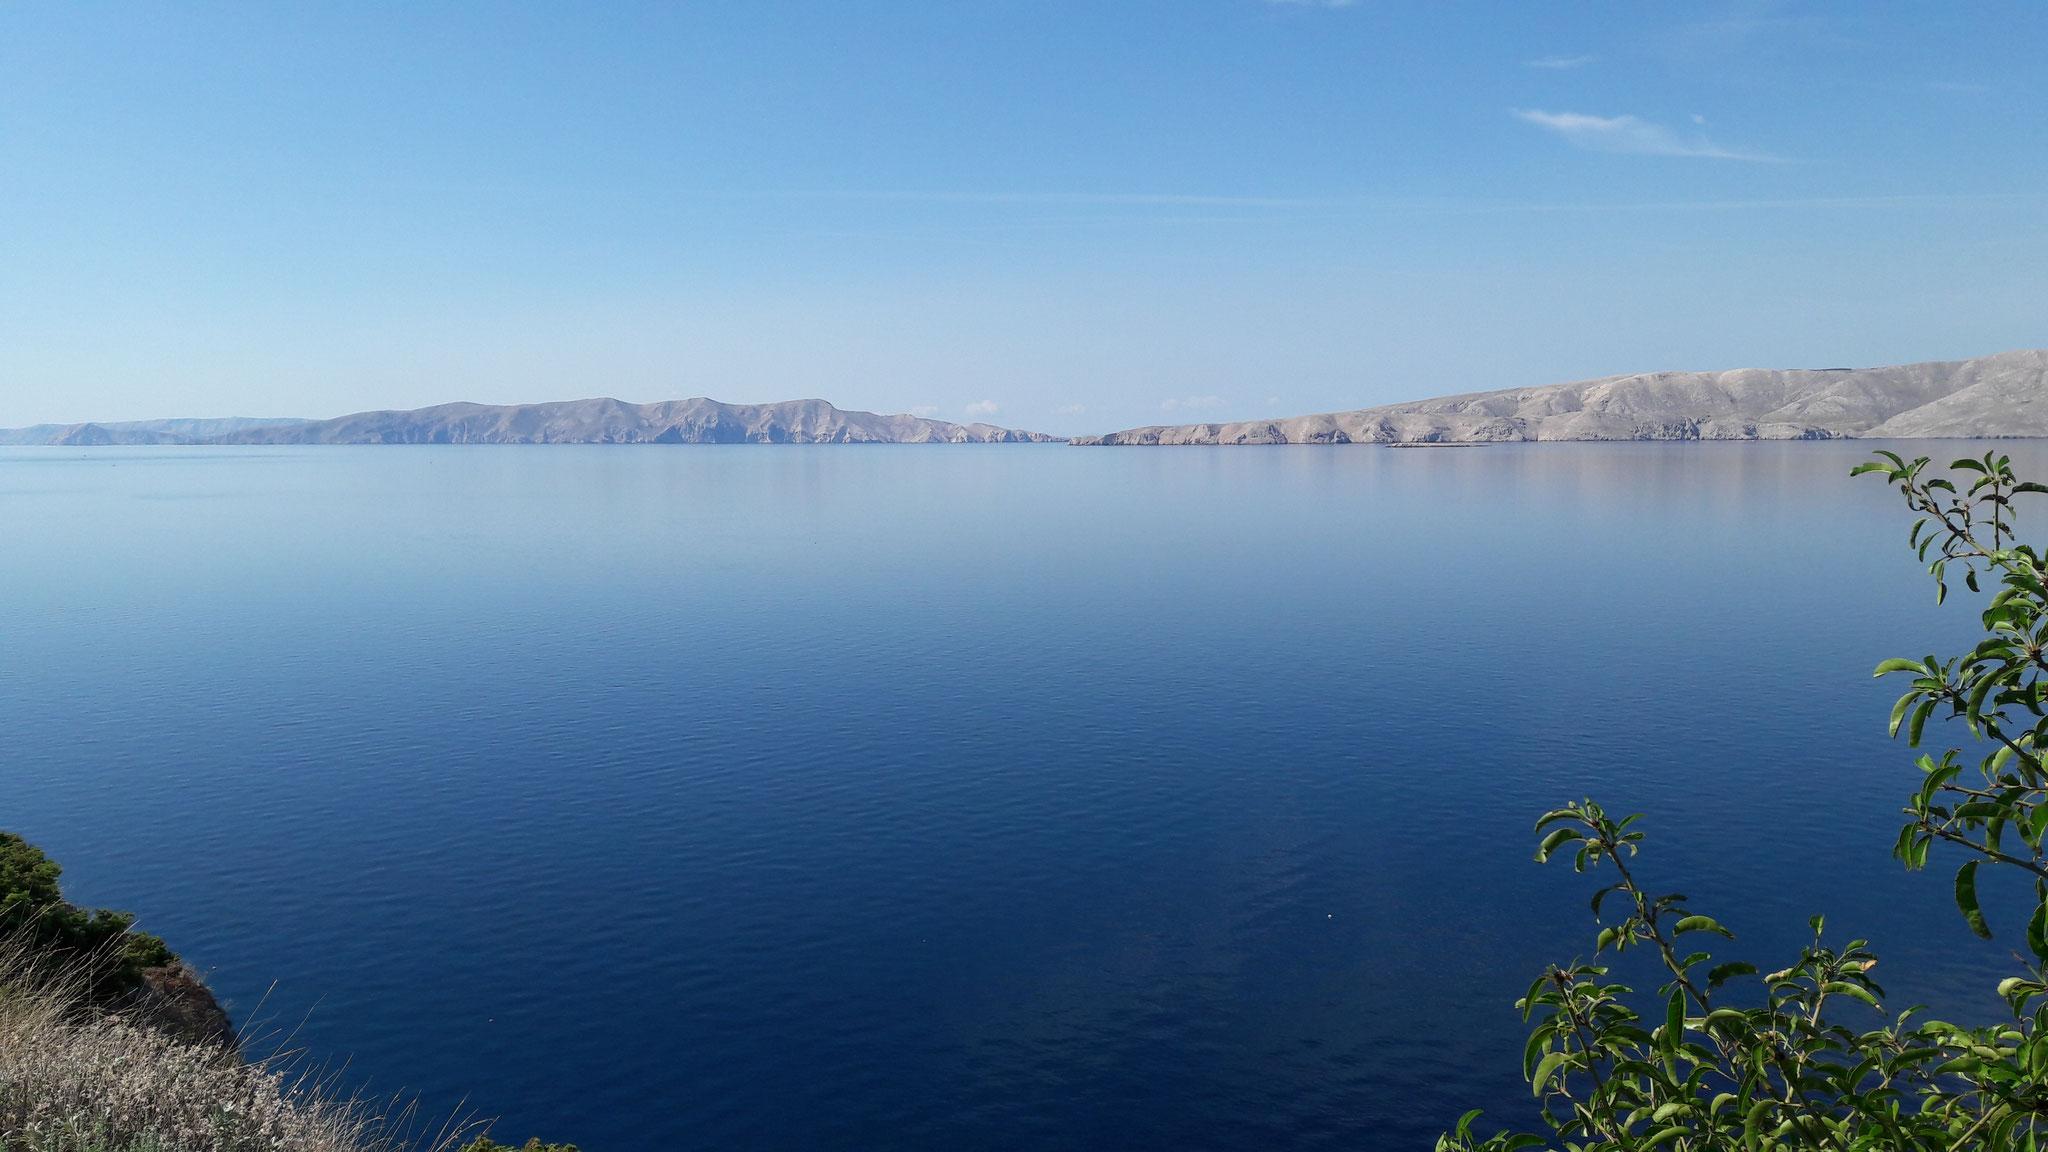 Blick auf die Insel Krk